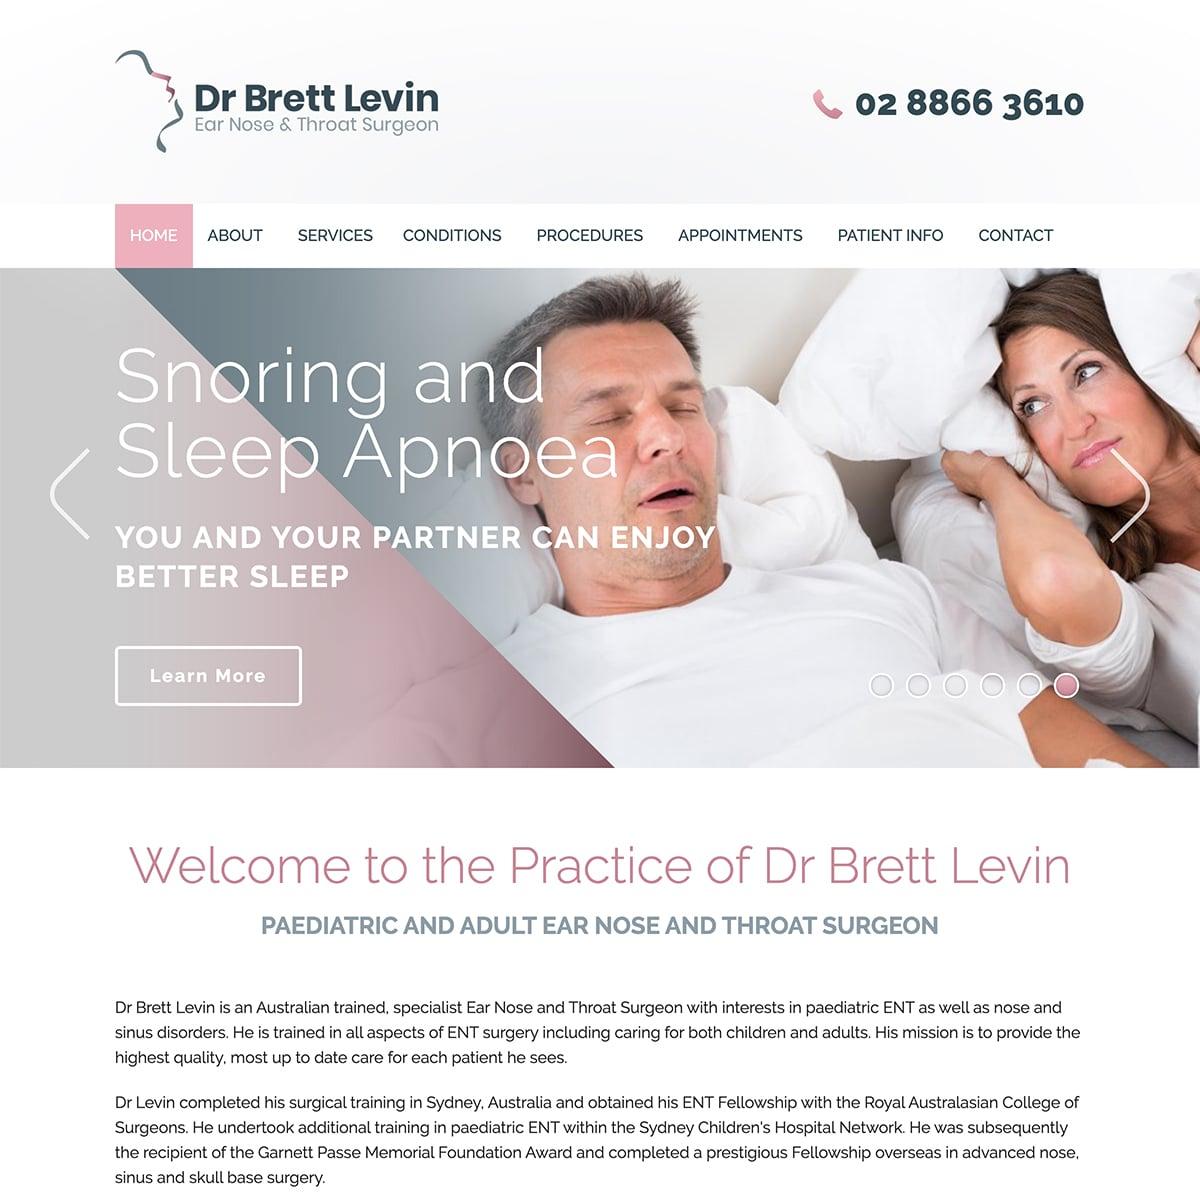 Dr Brett Levin - Homepage Slide 3